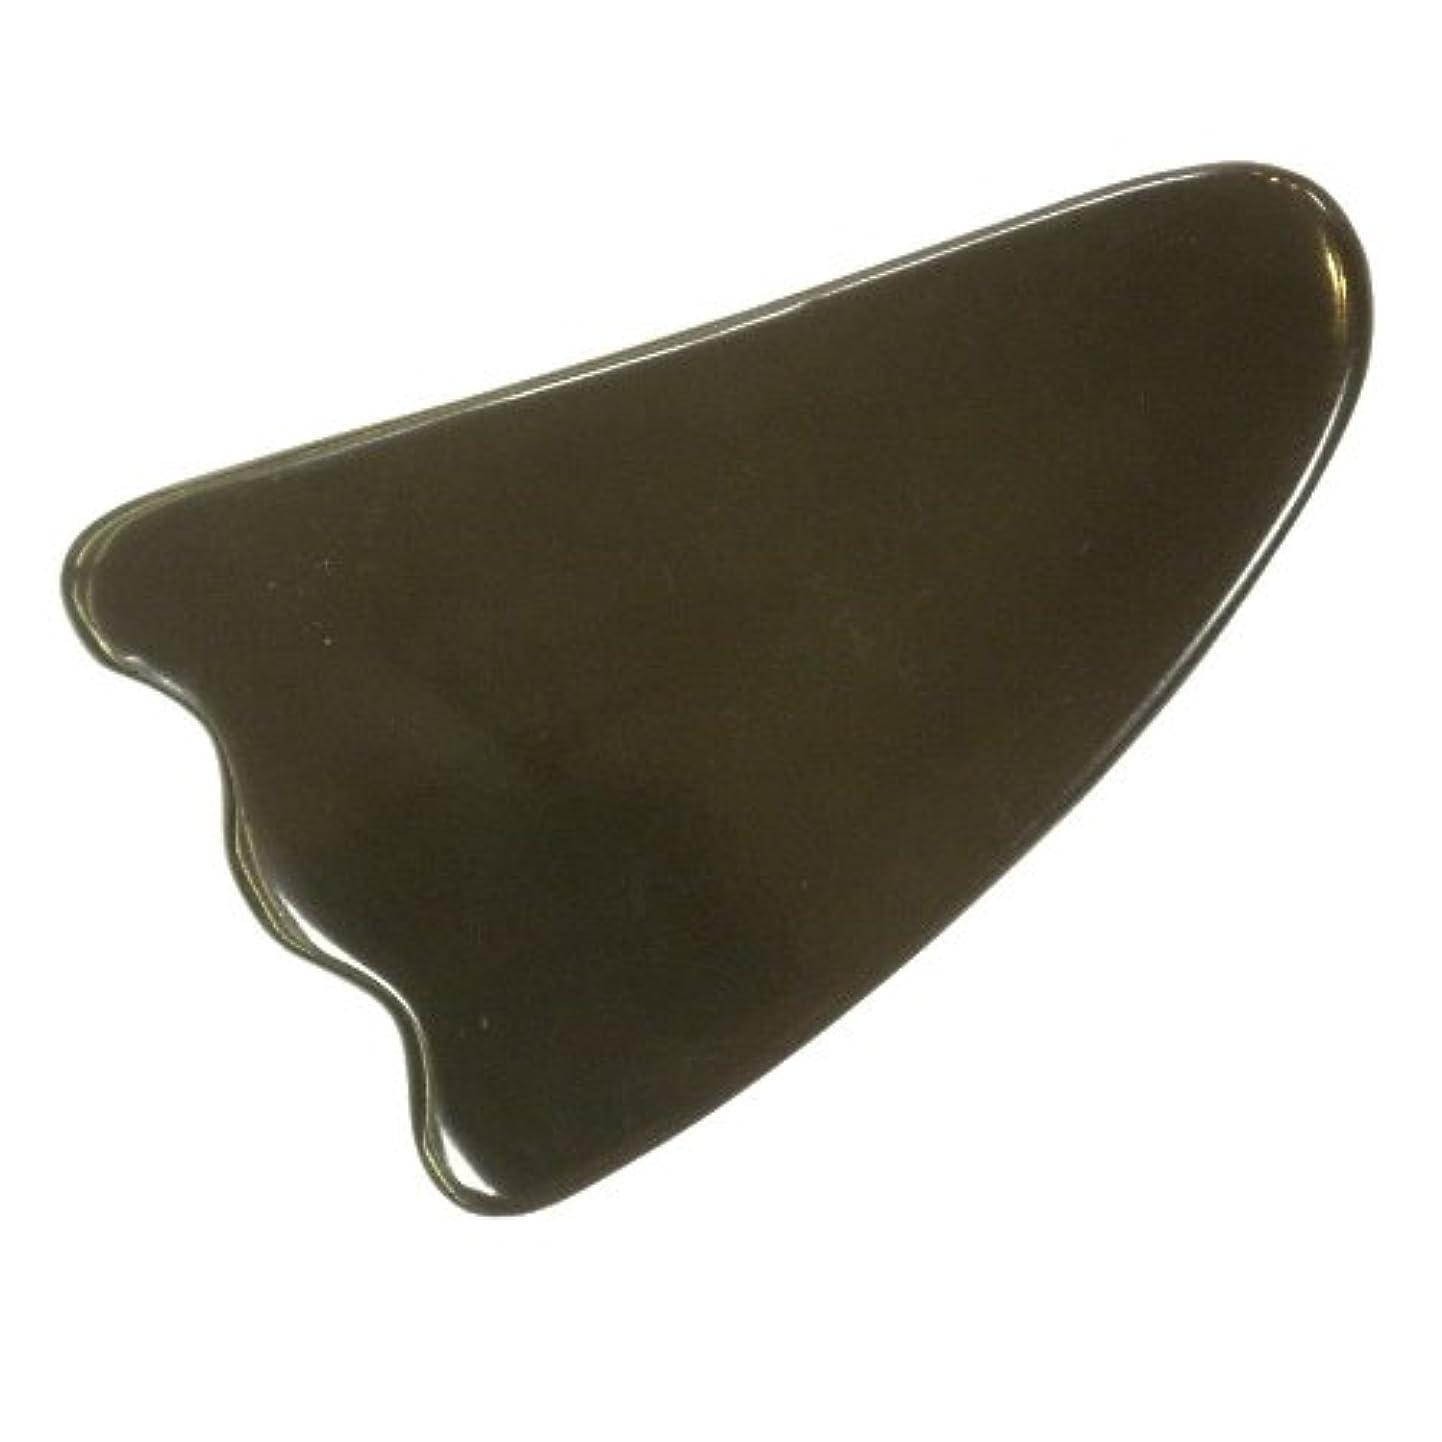 愛する故意にアノイかっさ プレート 厚さが選べる 水牛の角(黒水牛角) EHE213SP 羽根型 特級品 厚め(7ミリ程度)